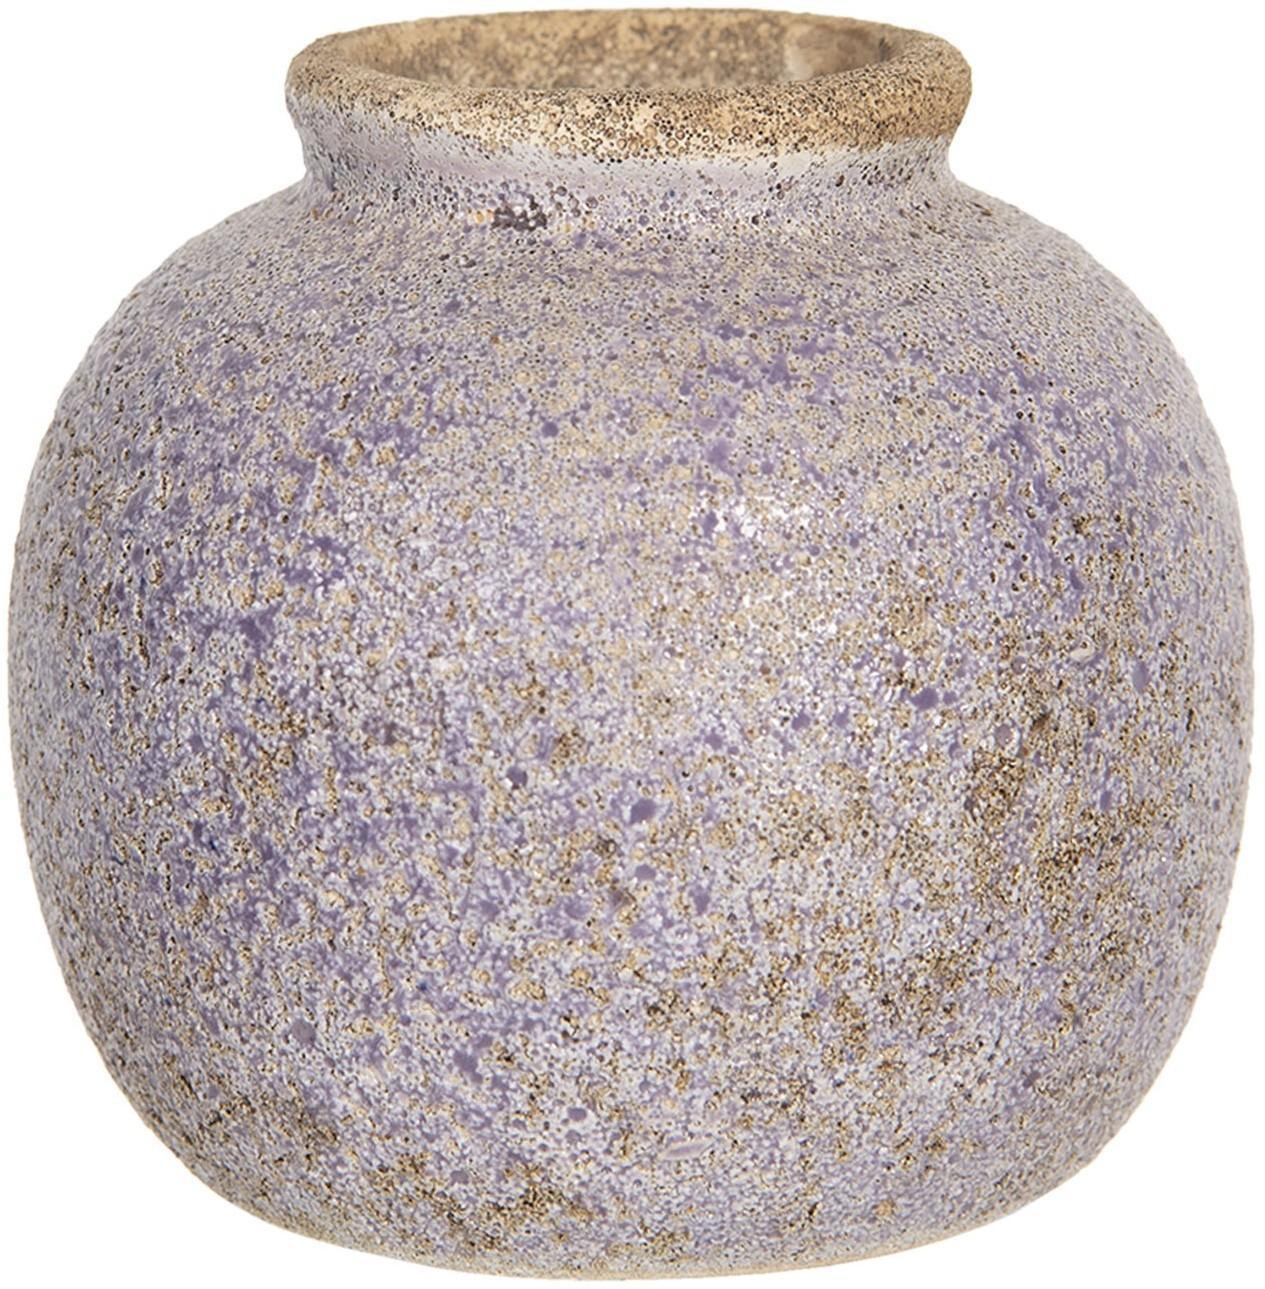 Retro váza s nádychom fialovej a odreninami - Ø 8 * 8 cm